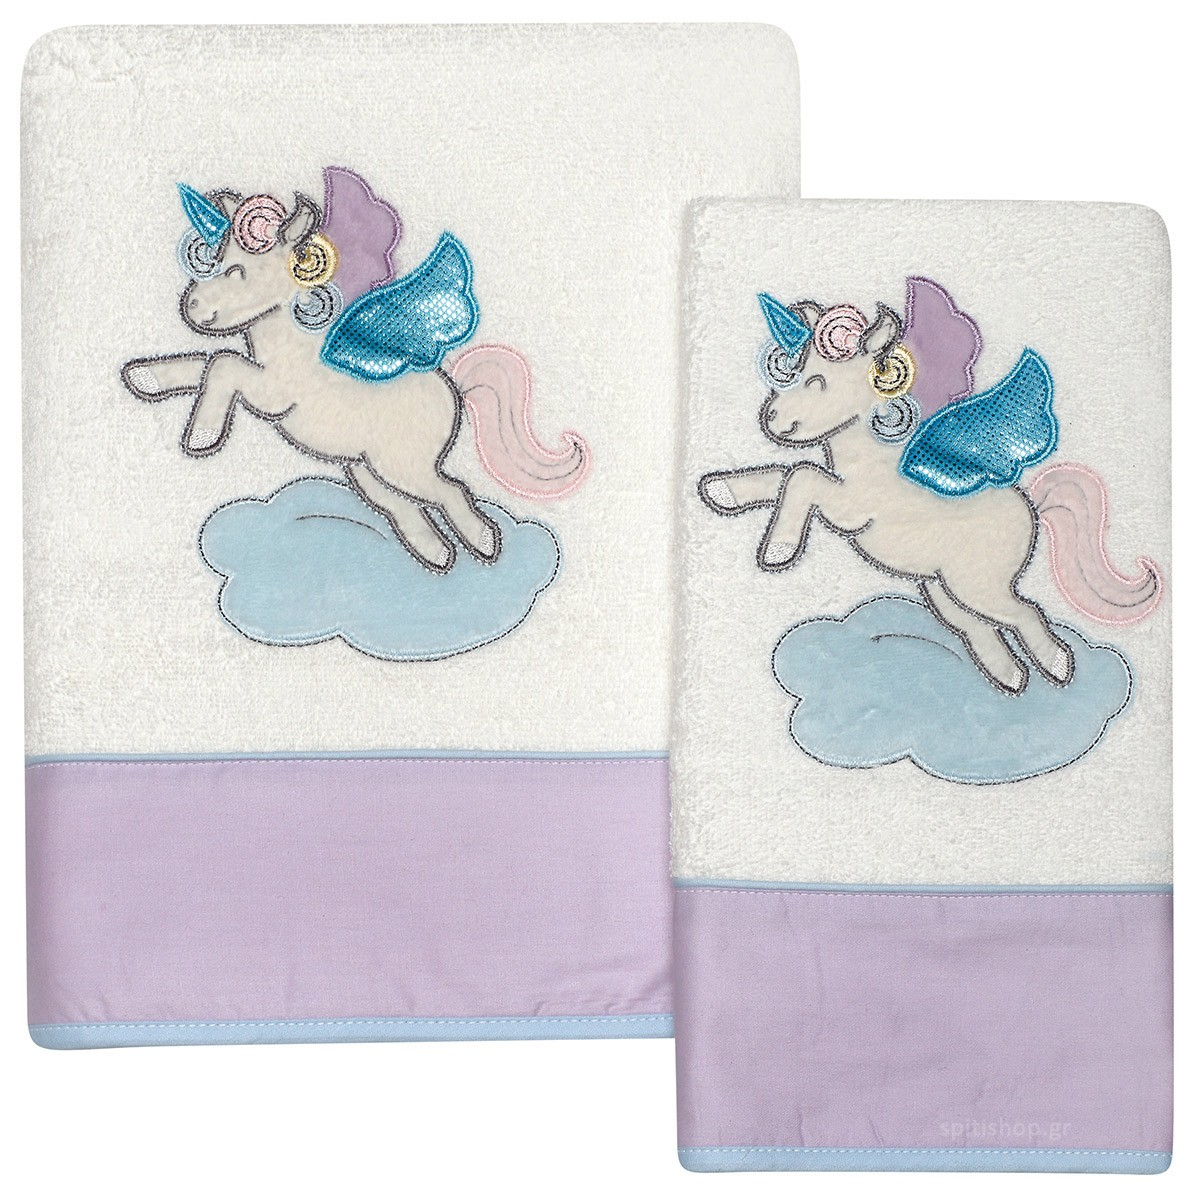 Βρεφικές Πετσέτες (Σετ 2τμχ) Das Home Dream Embroidery 6463 89916